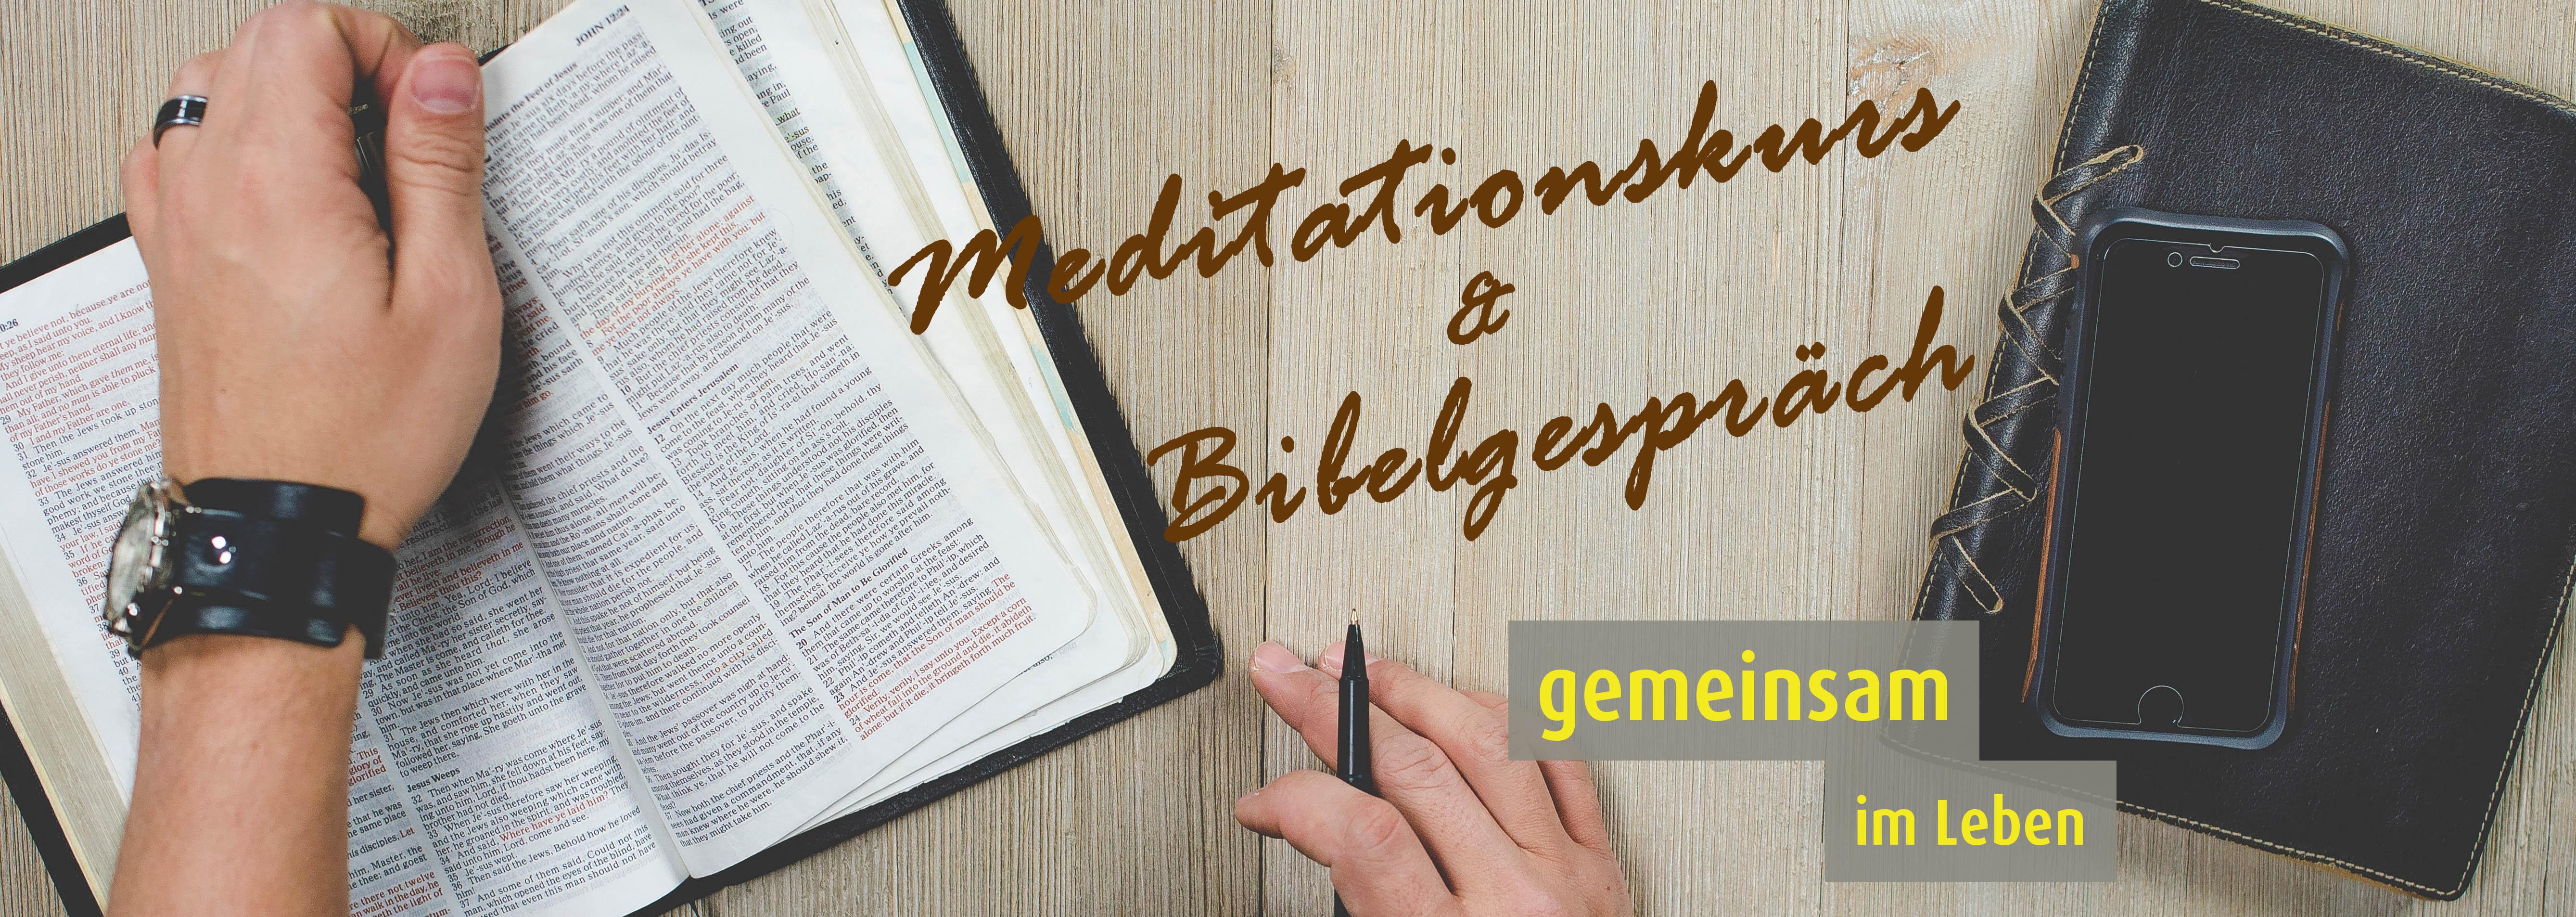 Bibelgespräch & Meditationskurs online